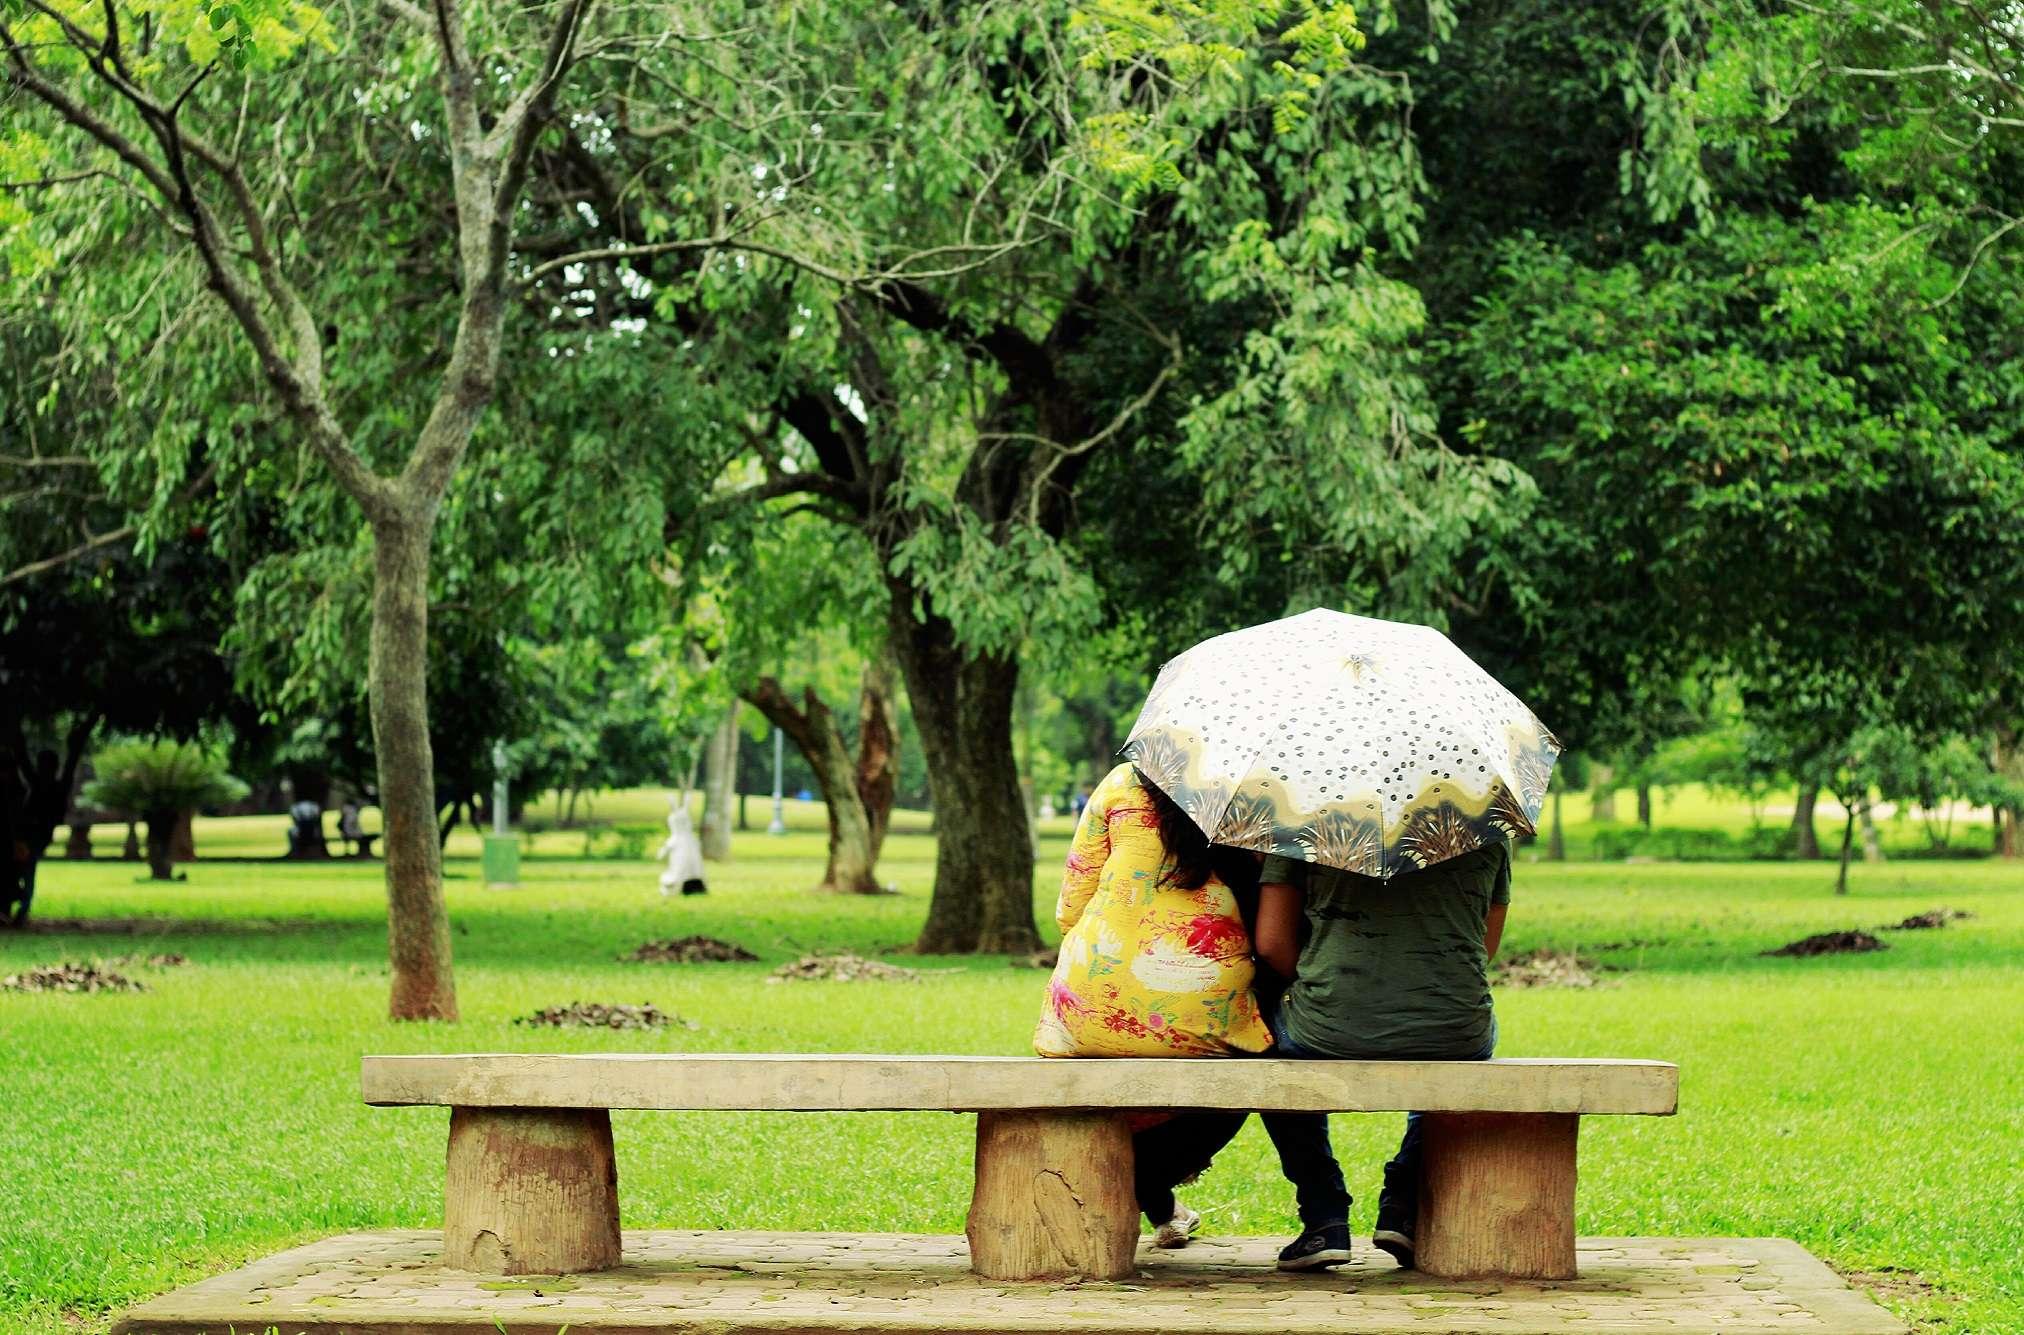 a couple enjoying rain at a park - Copy